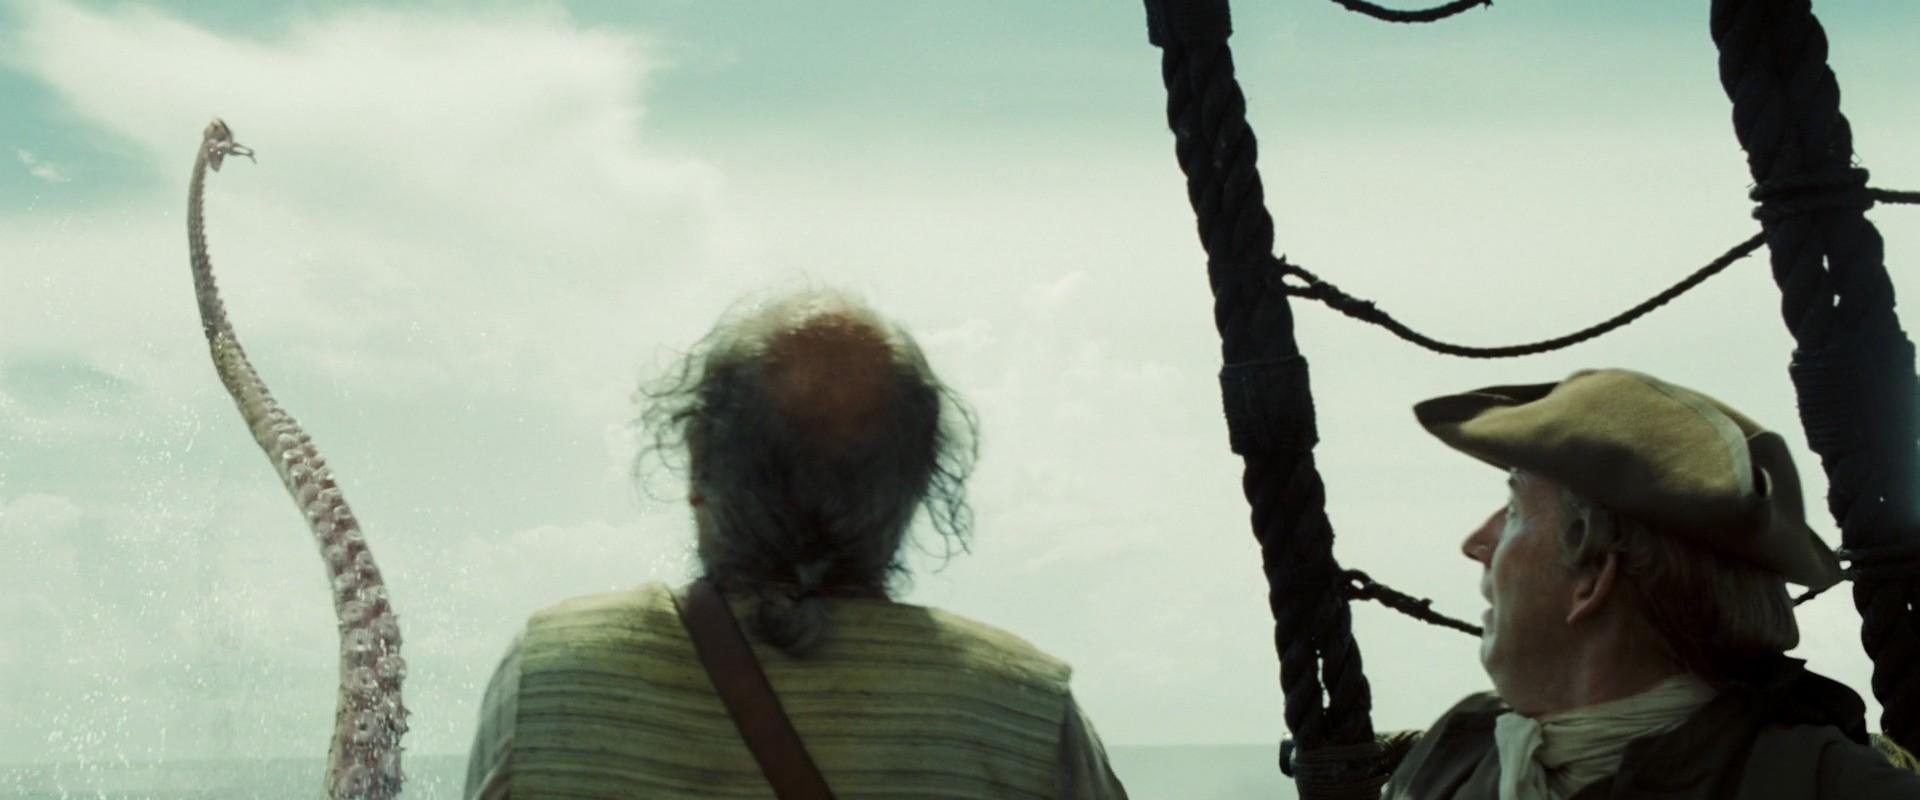 сопровождается картинки пираты карибского моря кракен различны порой